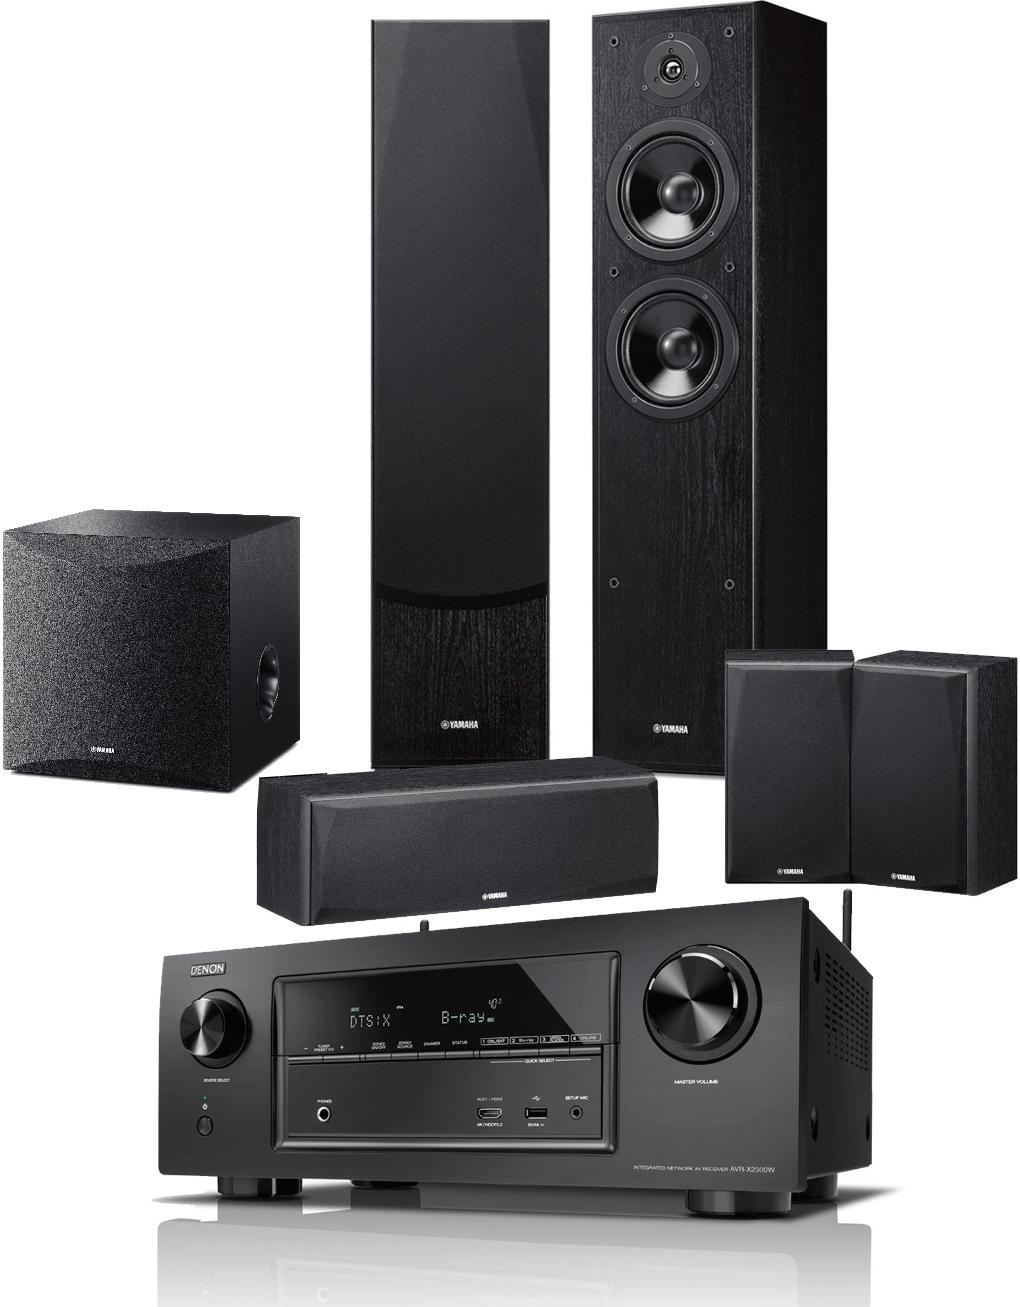 Denon AVR-X2300W AV Receiver w/ Yamaha NS-F51 Speaker Package (5.1)